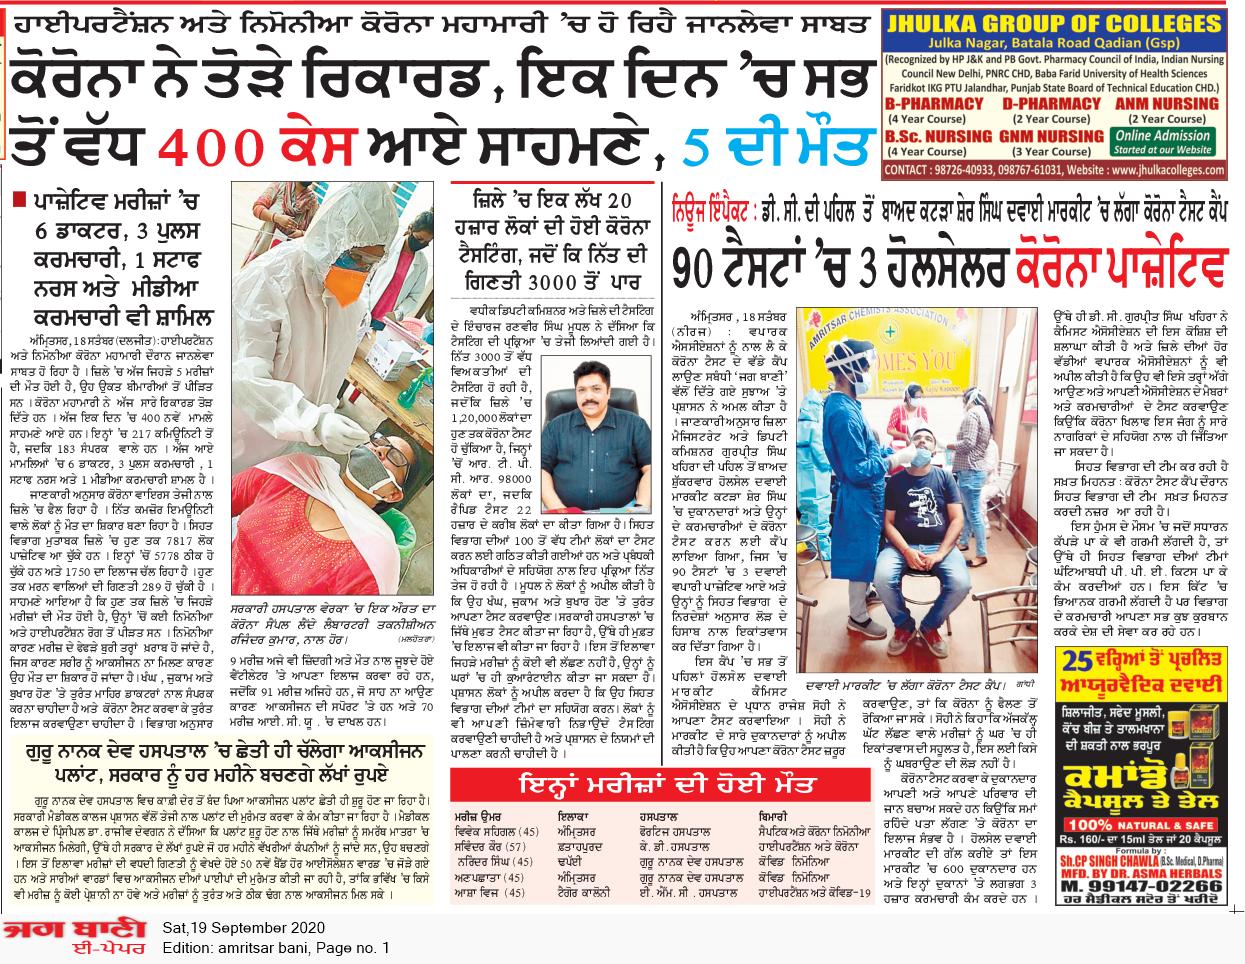 Amritsar Bani 9/19/2020 12:00:00 AM